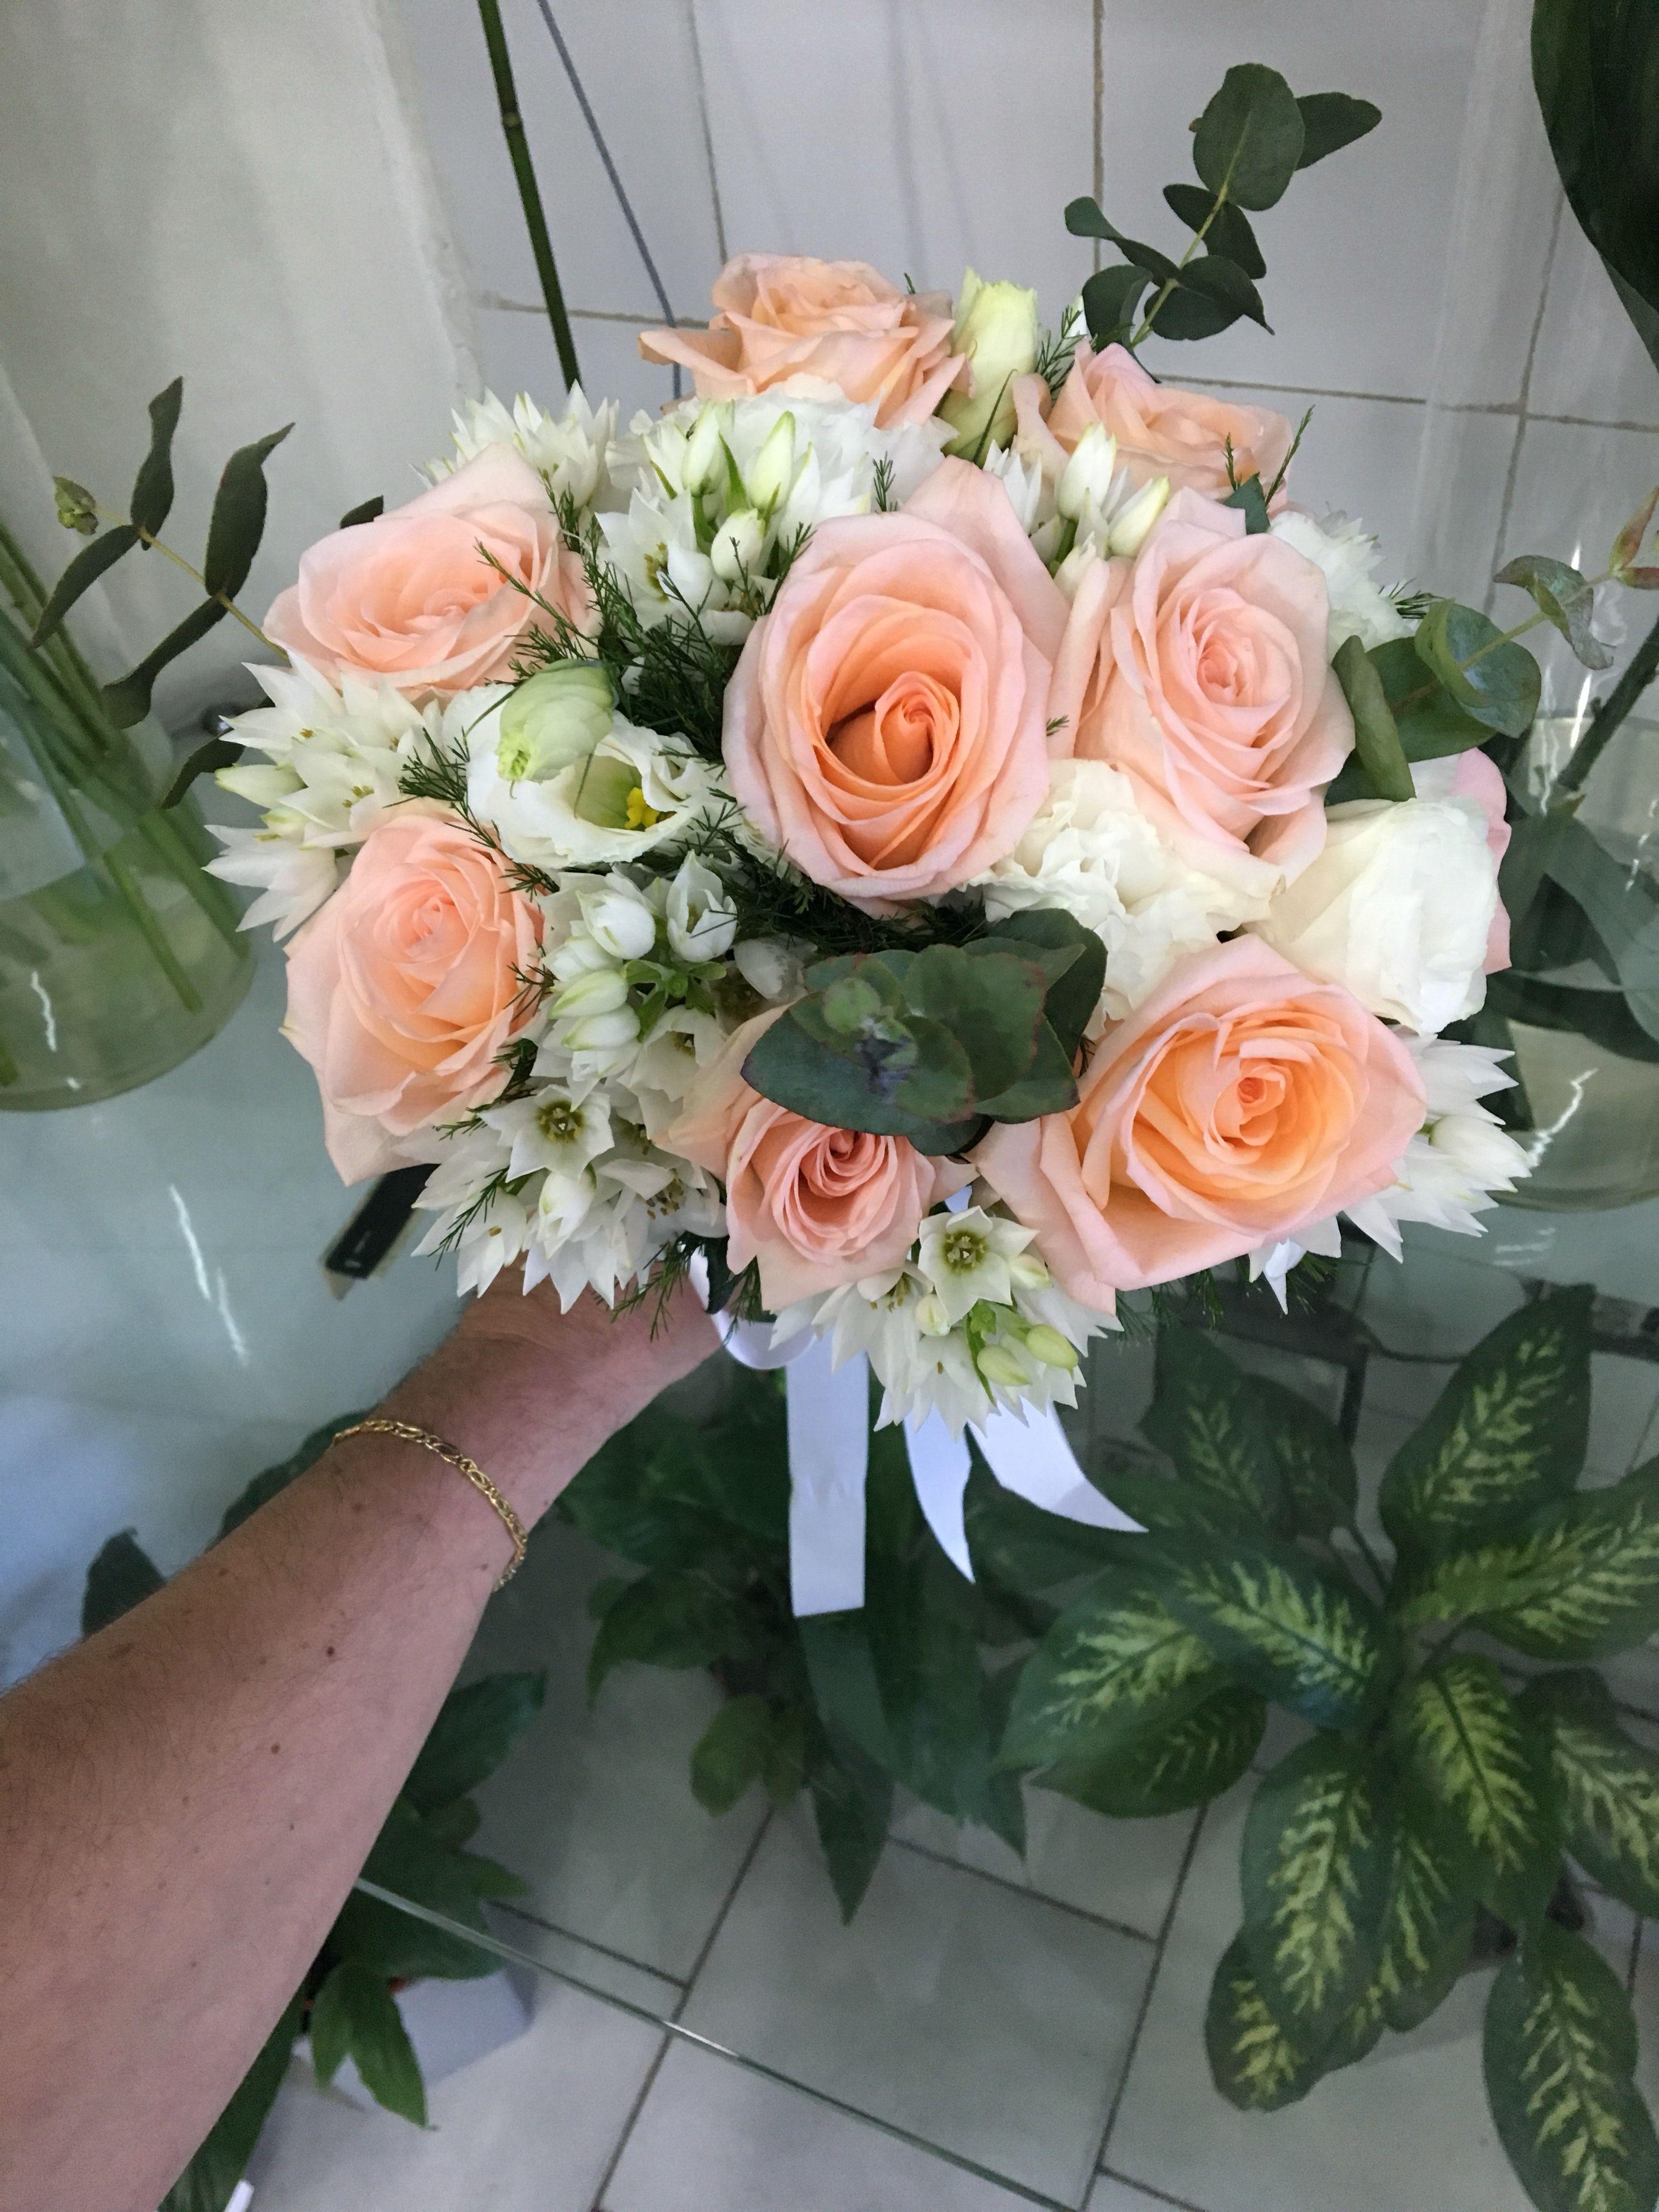 Ramo de Novia 👰 de rosas lisianthus y ornitogalo. Diseño y